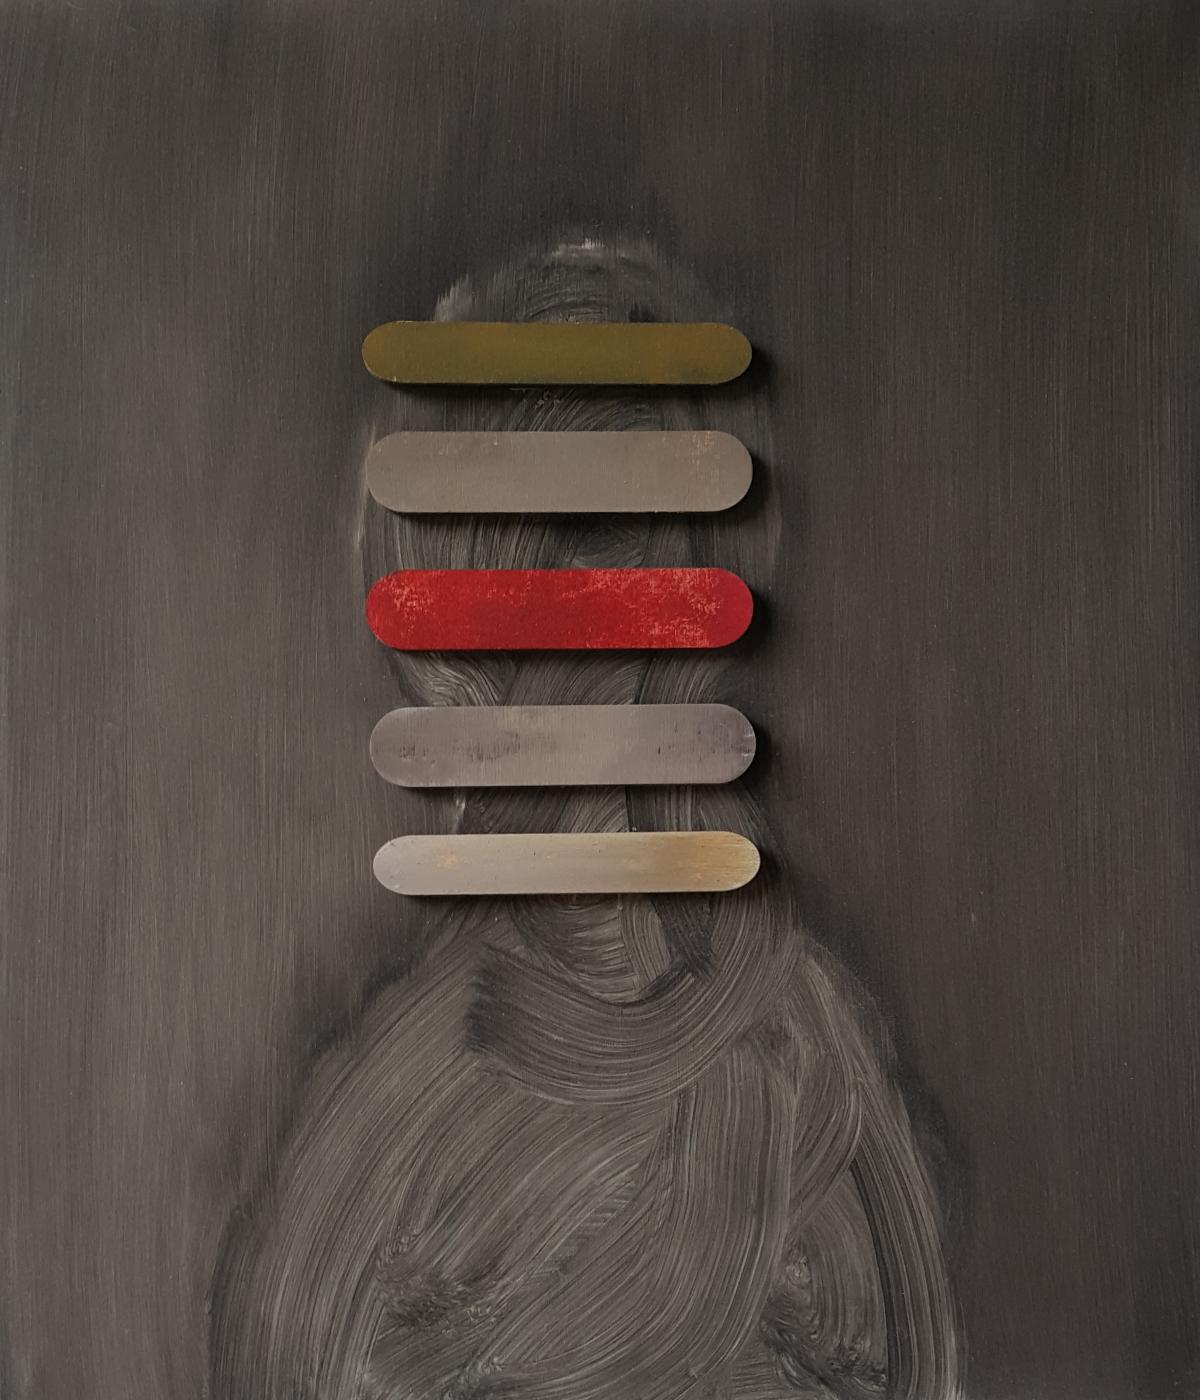 Kunst: Head XII van kunstenaar Daniel Martin